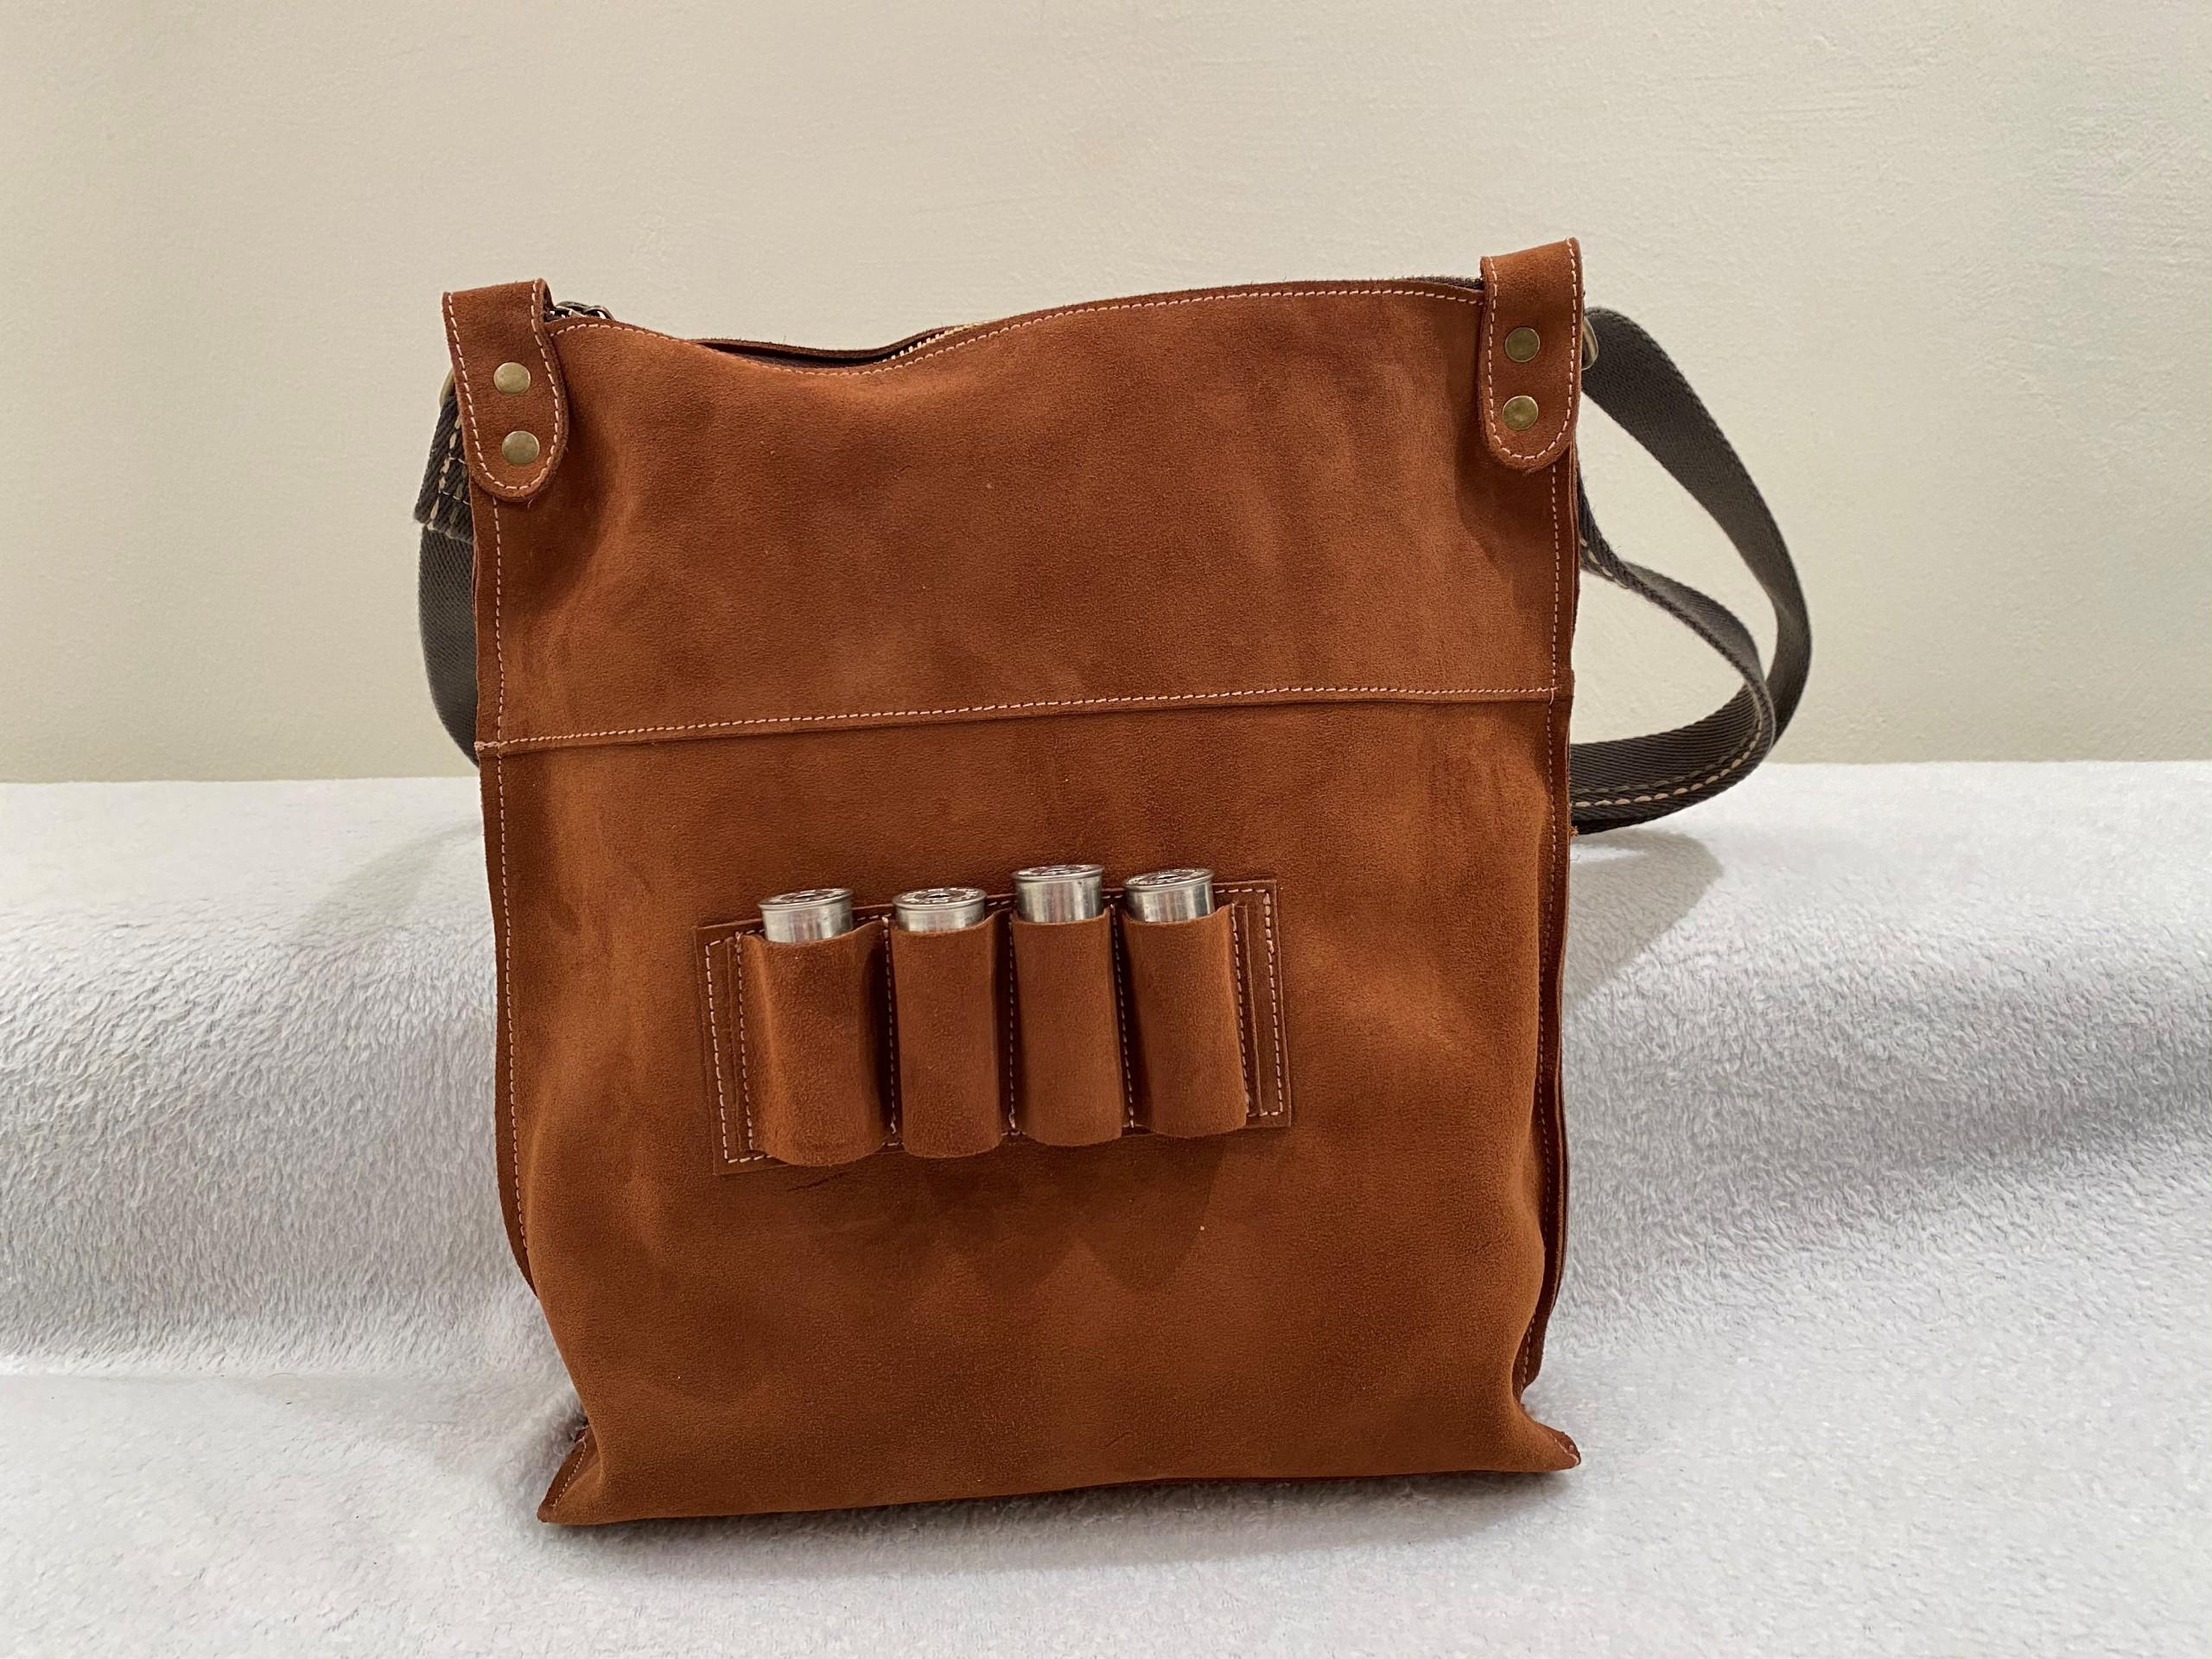 Bolsa de caza con piel serraje marron